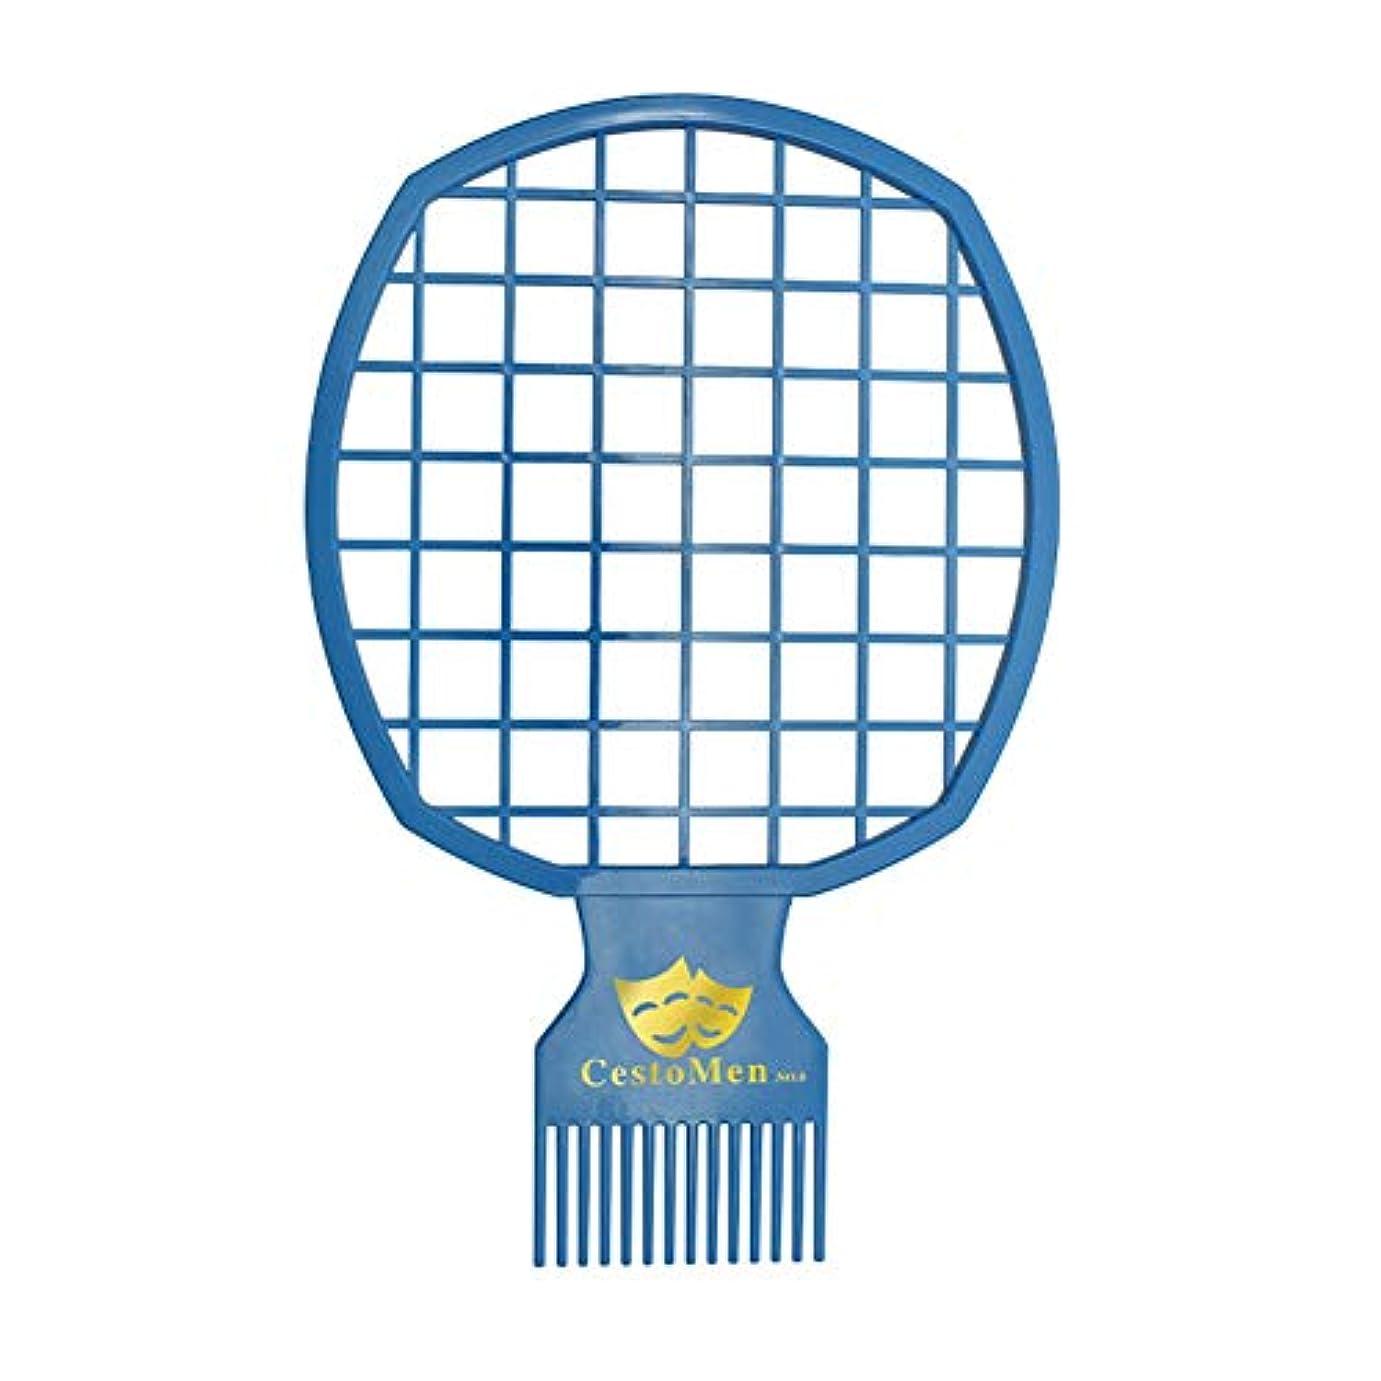 横たわる雨の乳ACHICOO ヘアコーム 2 in 1 多機能 アフロツイスト 理髪 アフロコーム ツイストウェーブ カール ブラシ コーム 男性 メンズ  青